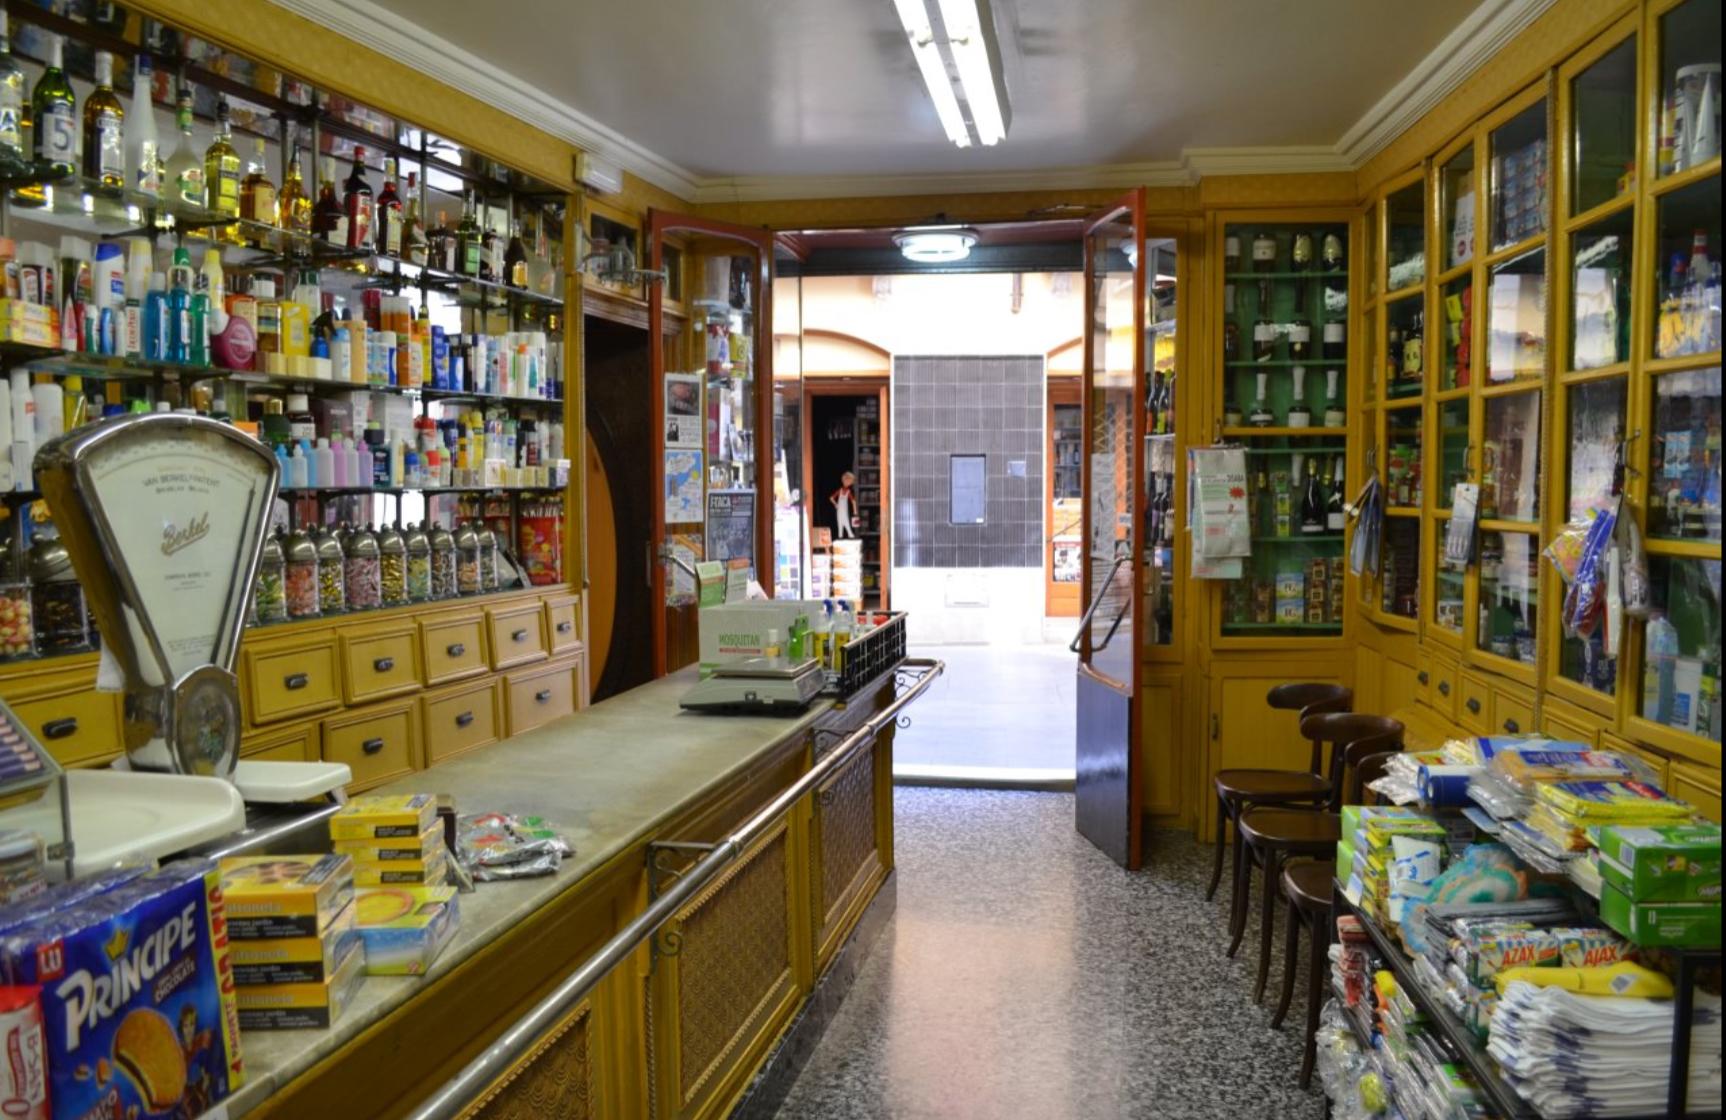 Les botigues amb més encant de la Costa Brava